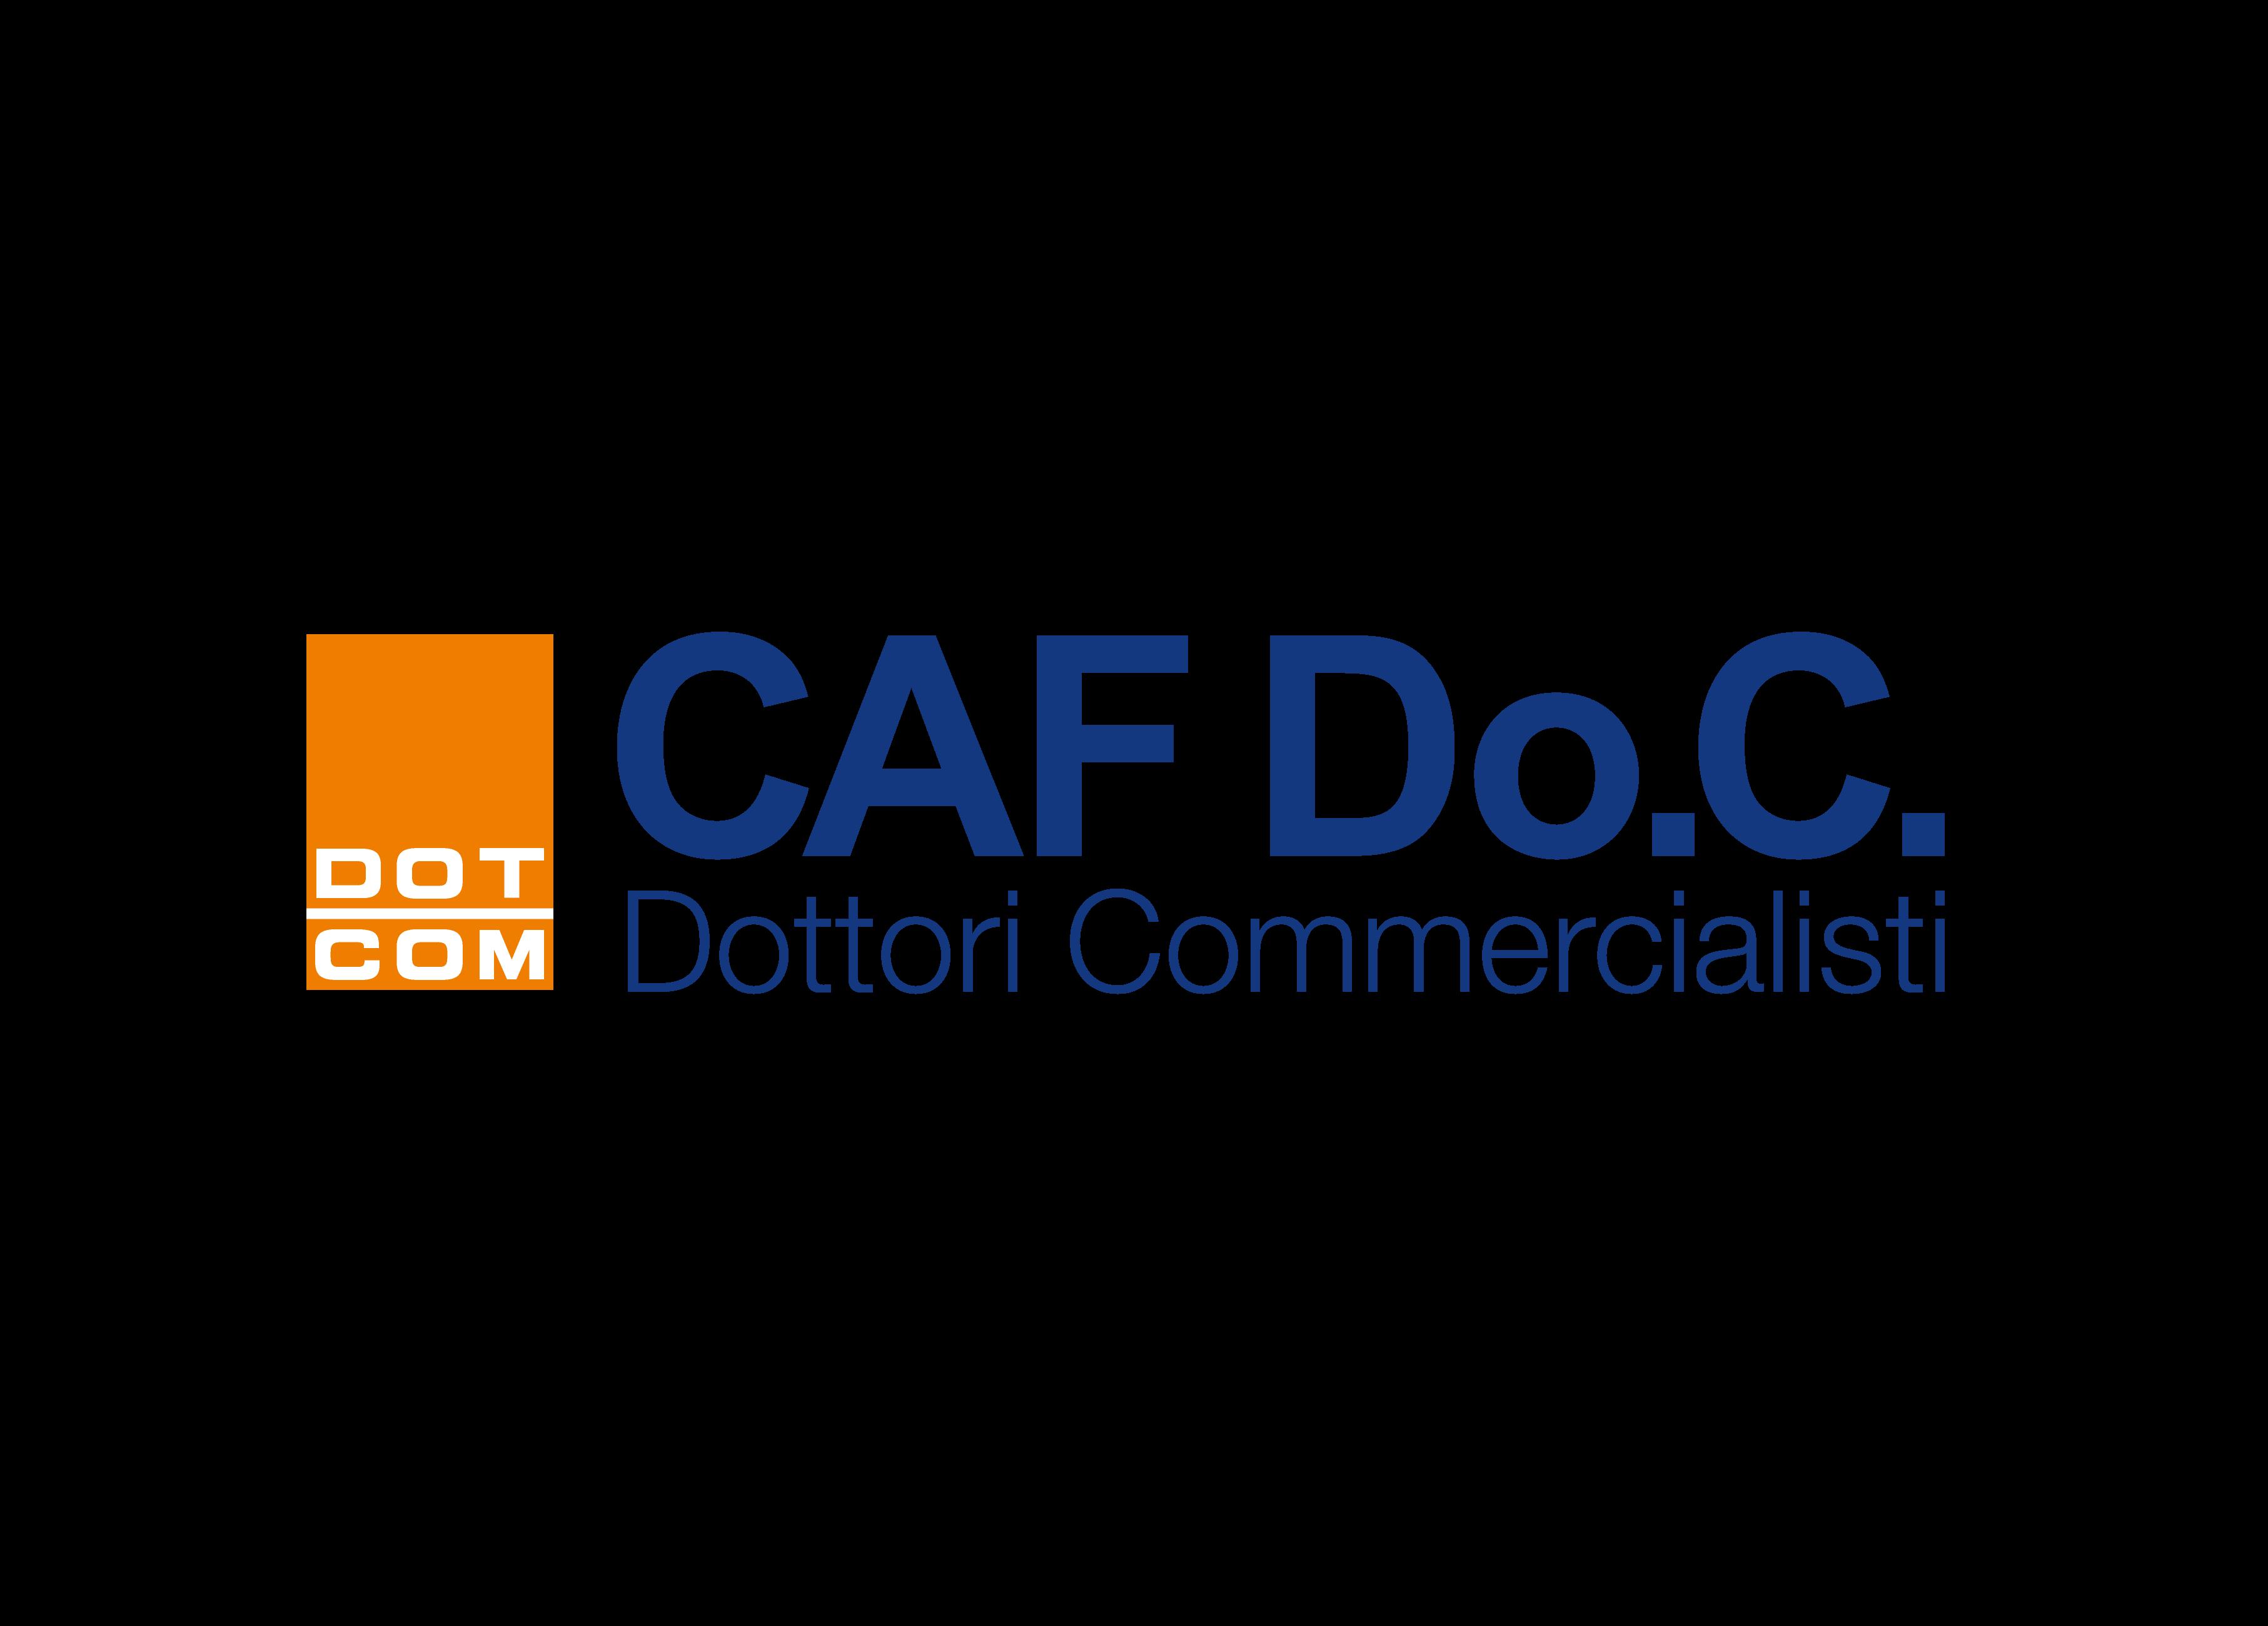 CAF Dottori Commercialisti